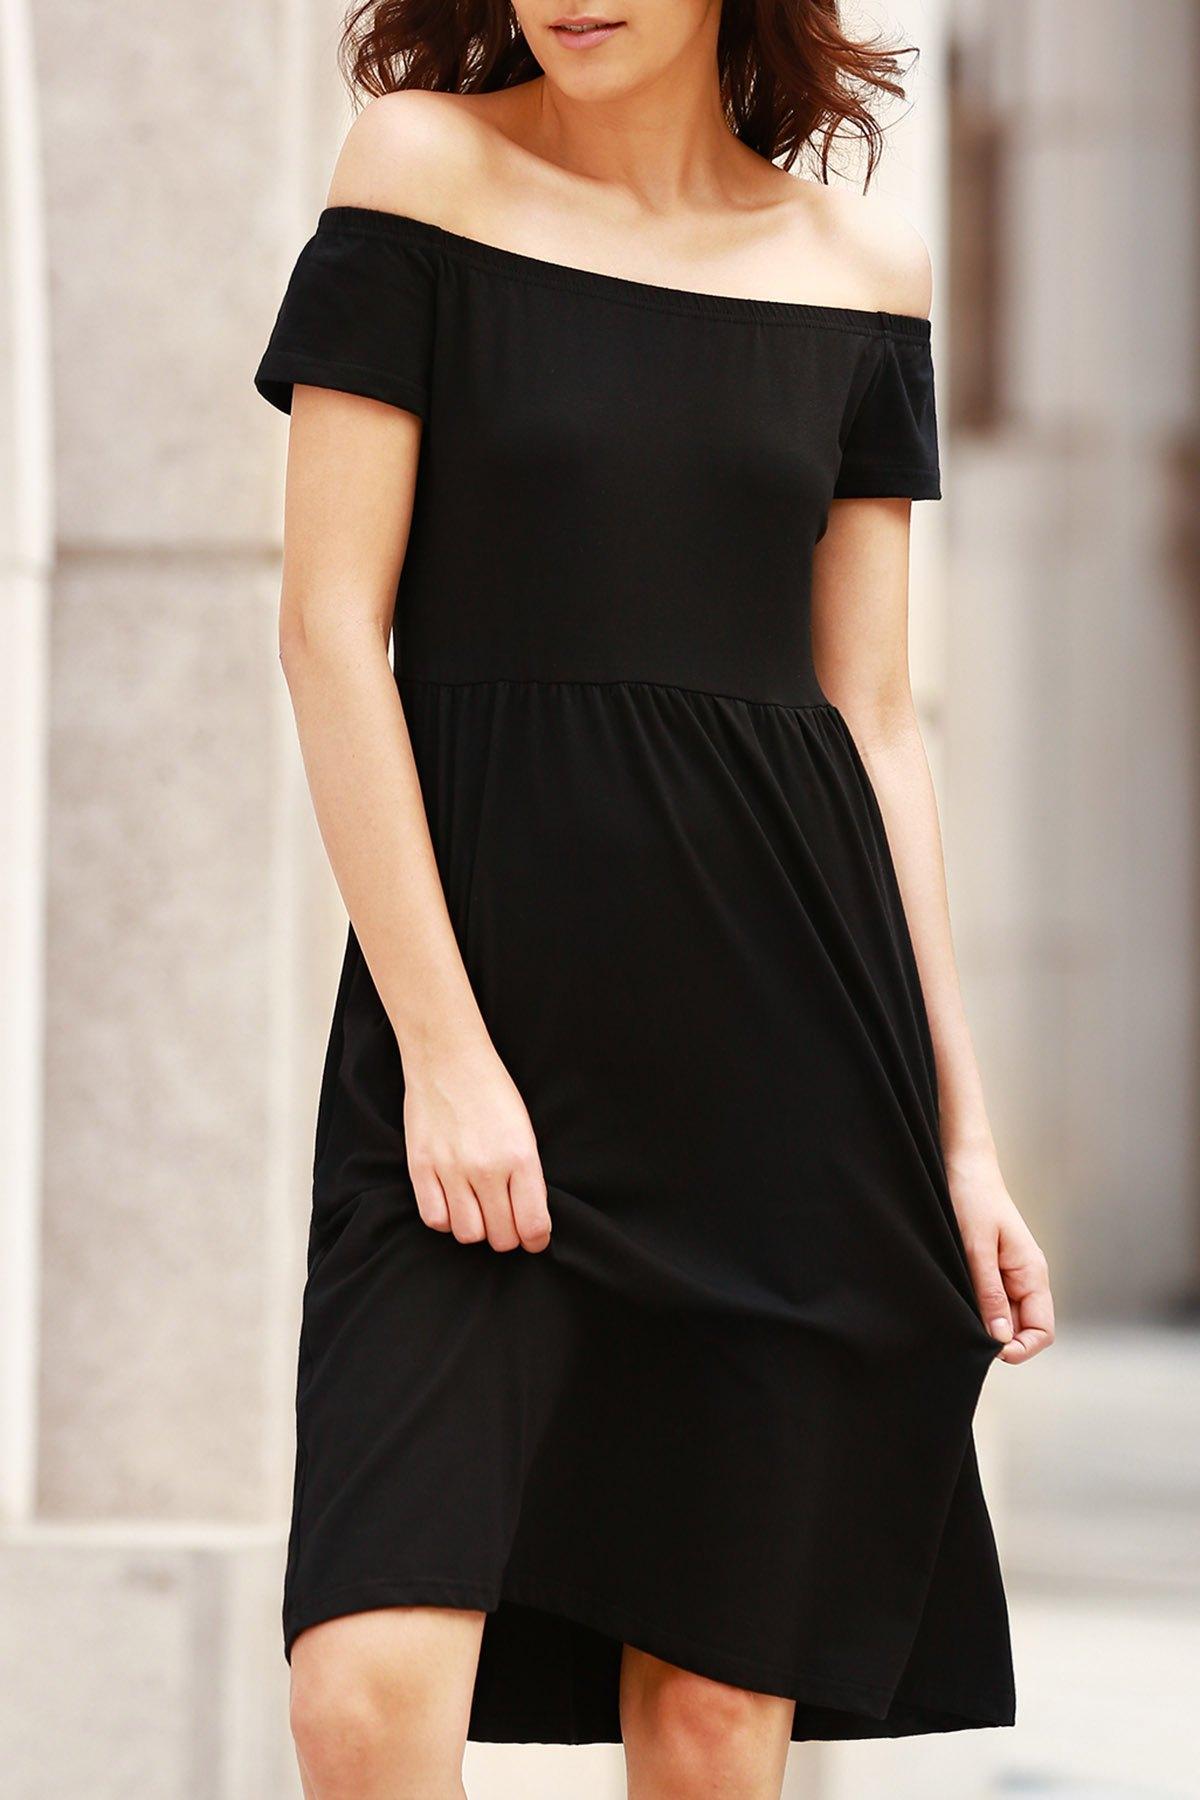 Solid Color Off The Shoulder Short Sleeve DressClothes<br><br><br>Size: 2XL<br>Color: BLACK